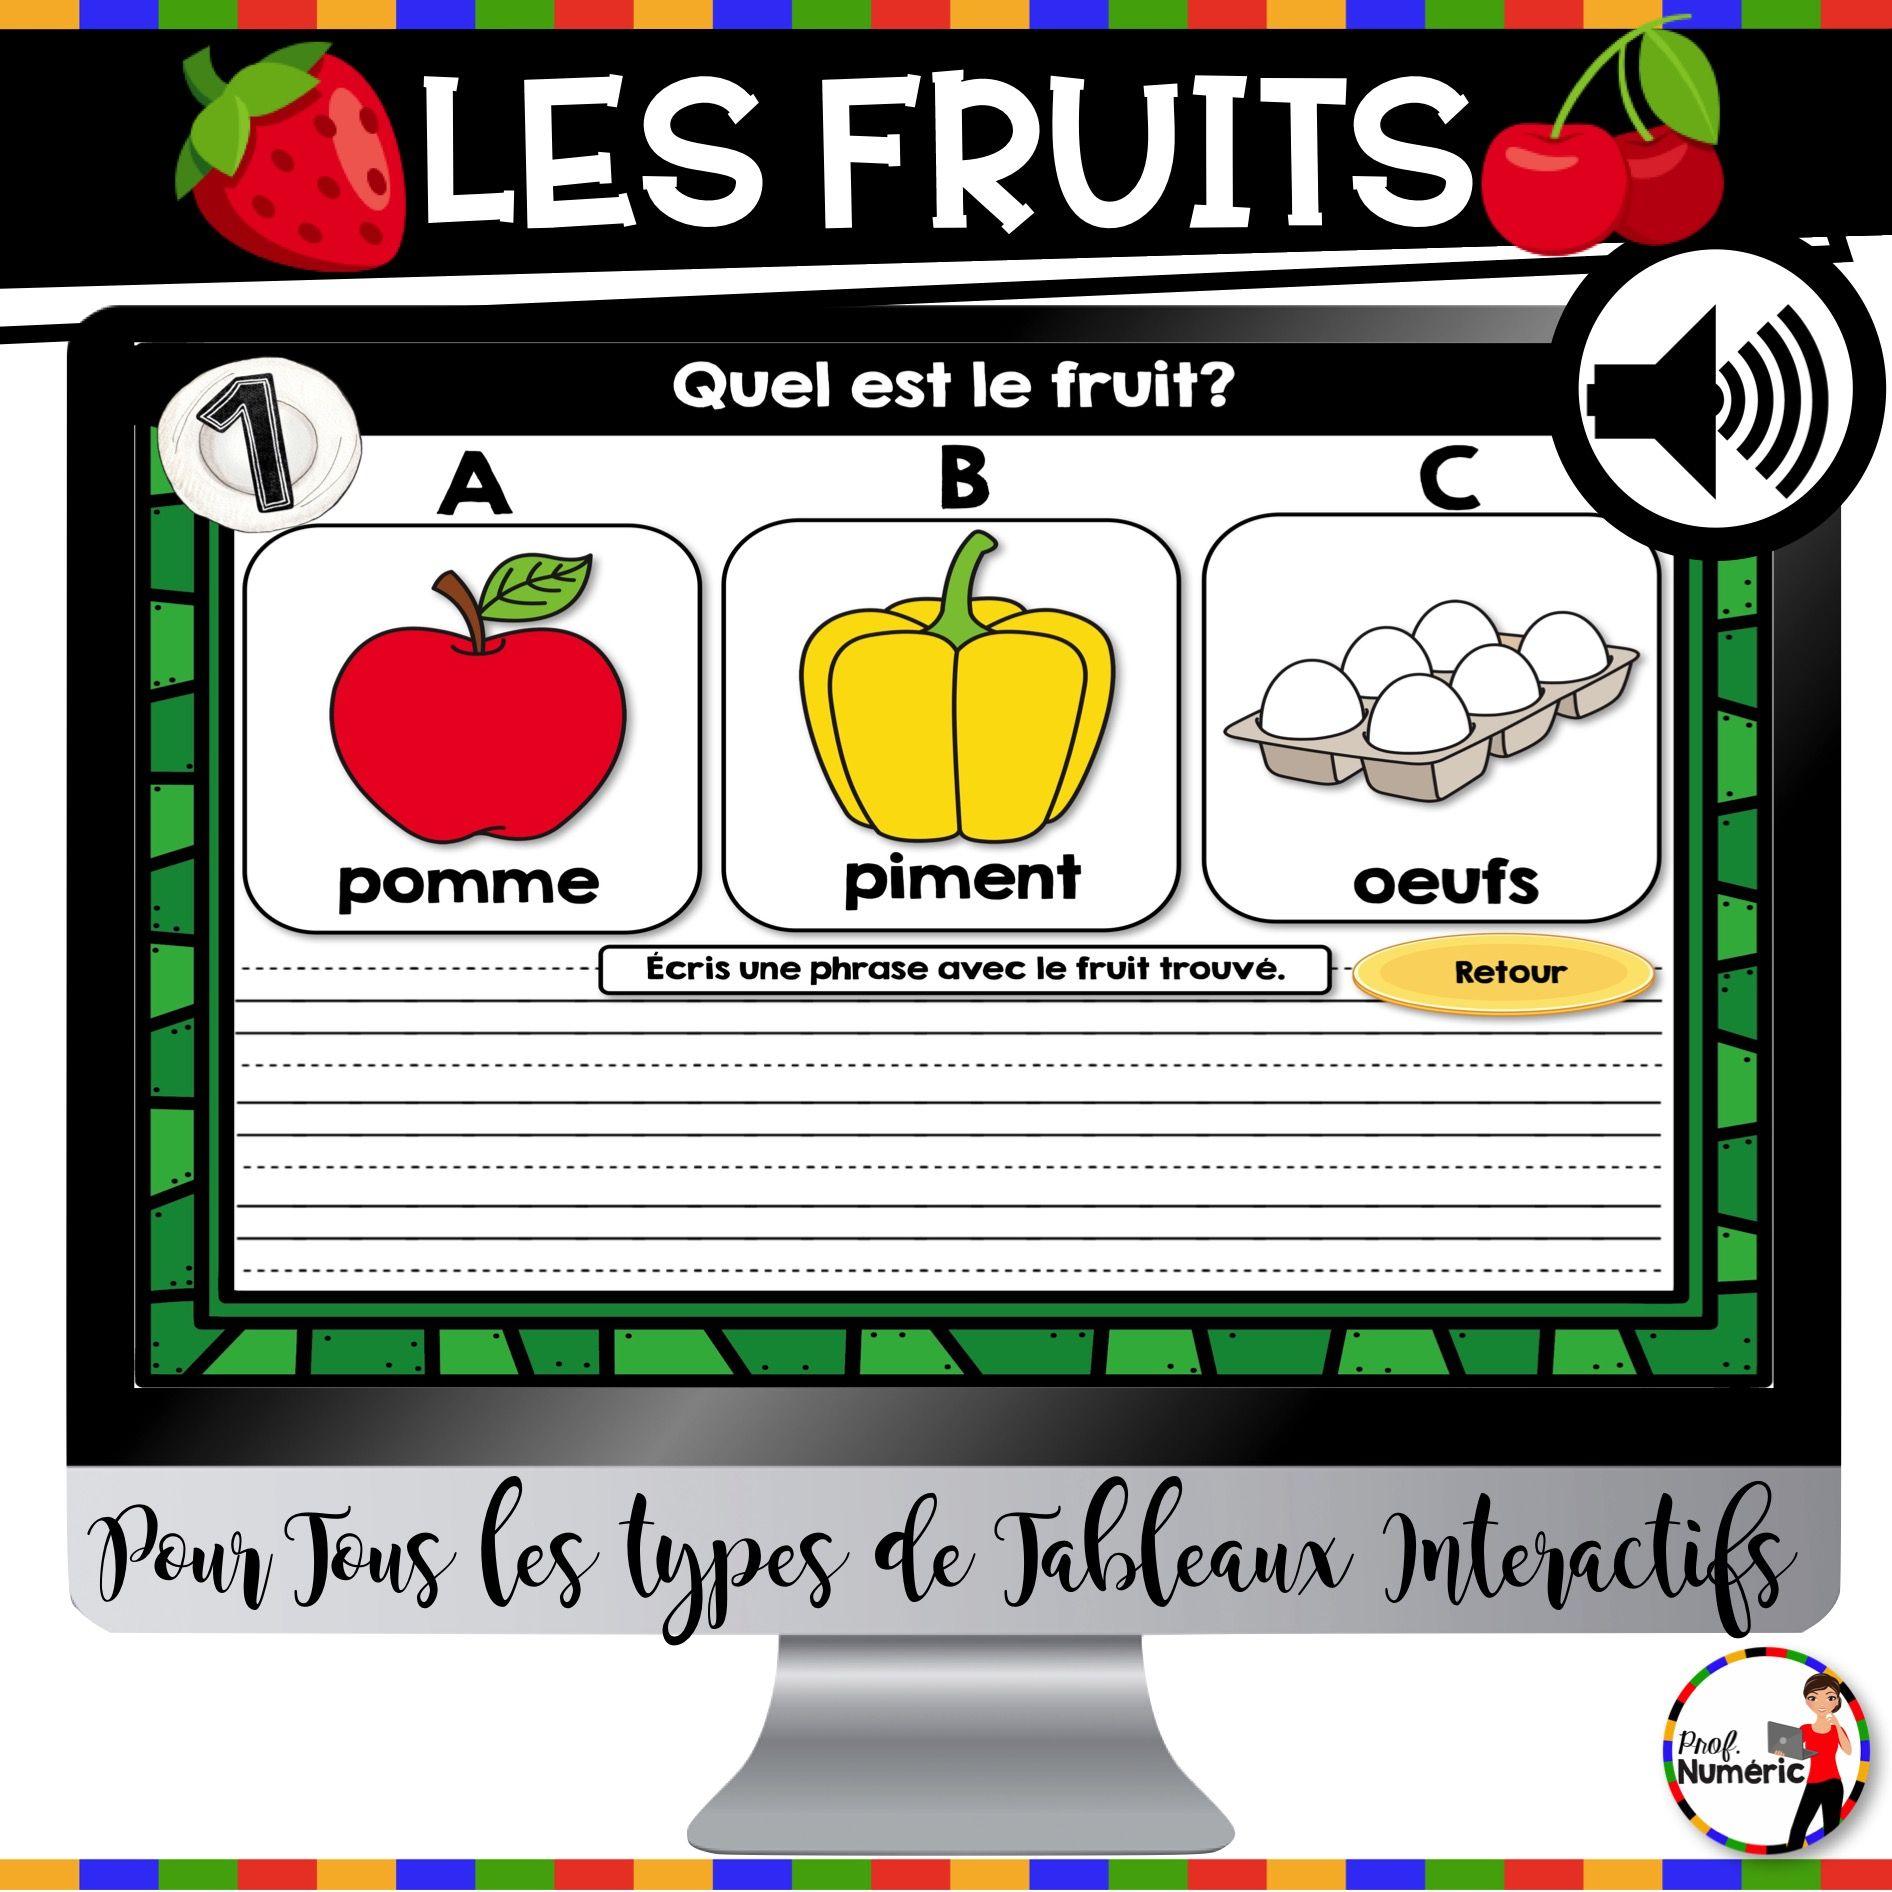 TNI : L'alimentation : Fruits (légumes, substituts, poissons, produits laitiers, etc.)